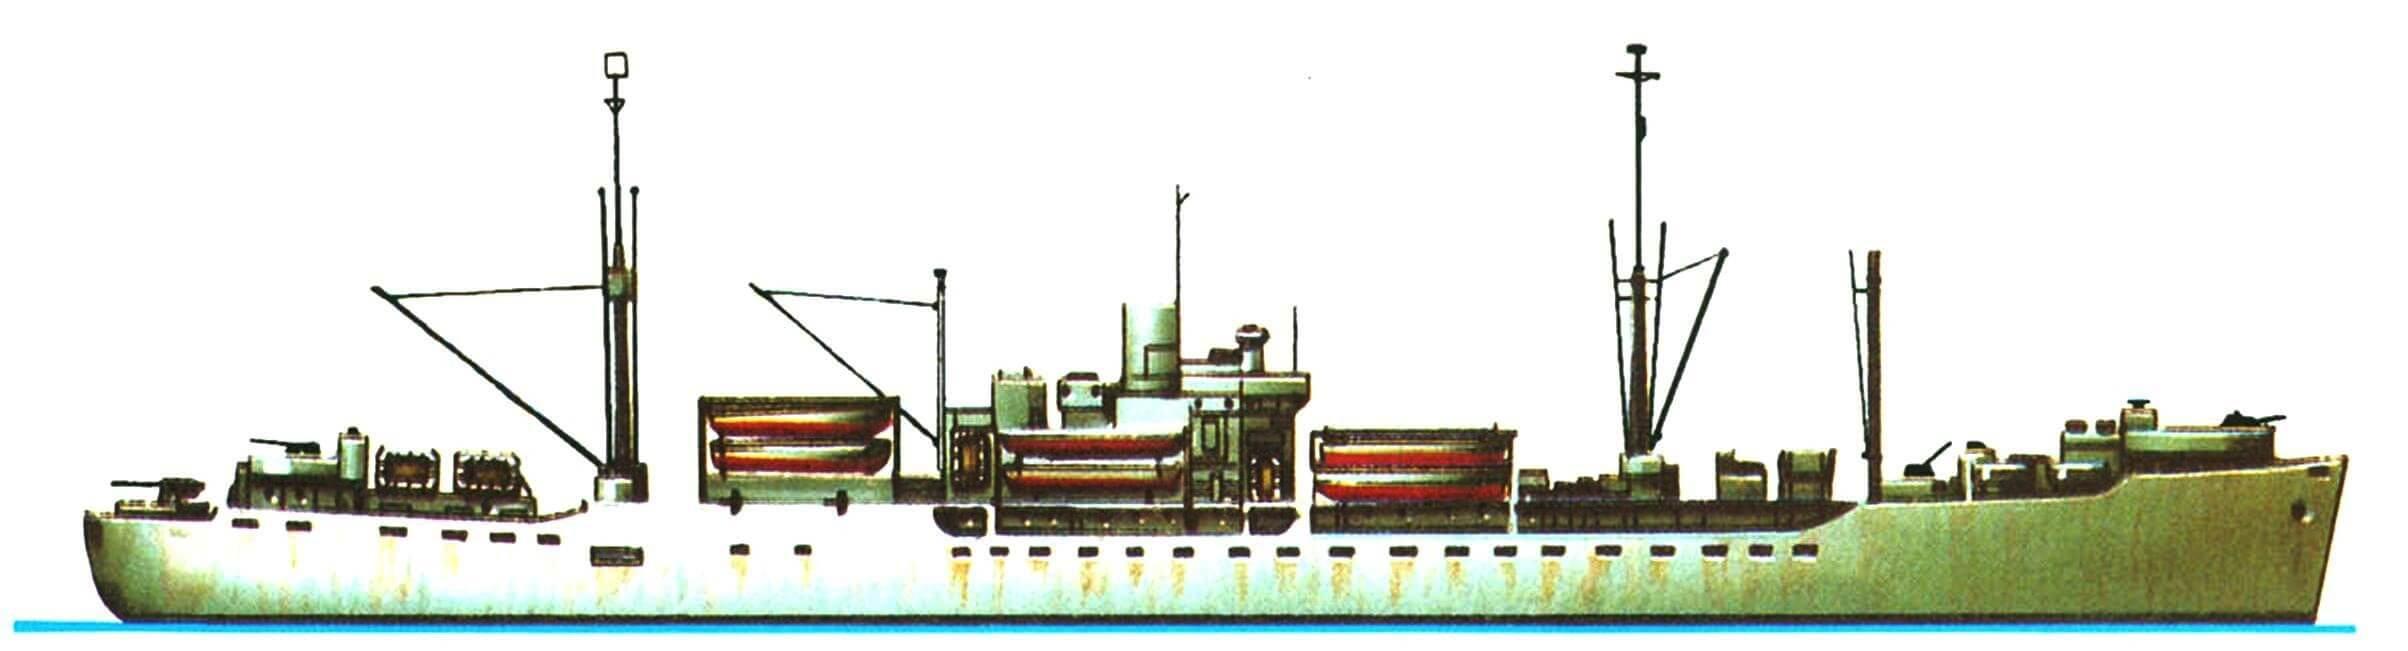 22. Десантный войсковой транспорт «Кентон» типа АРА, США, 1943 г. Водоизмещение стандартное 6875 т, полное 14 800 т, длина наибольшая 138,7 м, ширина 18,9 м, осадка 7,3 м. Турбина мощностью 8500 л.с., скорость 16,5 узла. Вооружение: одно 127-мм зенитное орудие, двенадцать 40-мм и десять 20-мм автоматов. Вместимость: 1560 человек, 22 десантных катера типа LCVP, два LCM и два LCP. Всего на базе транспортных судов типа «Виктори» в 1943 — 1945 годах построено 118 транспортов типа АРА.